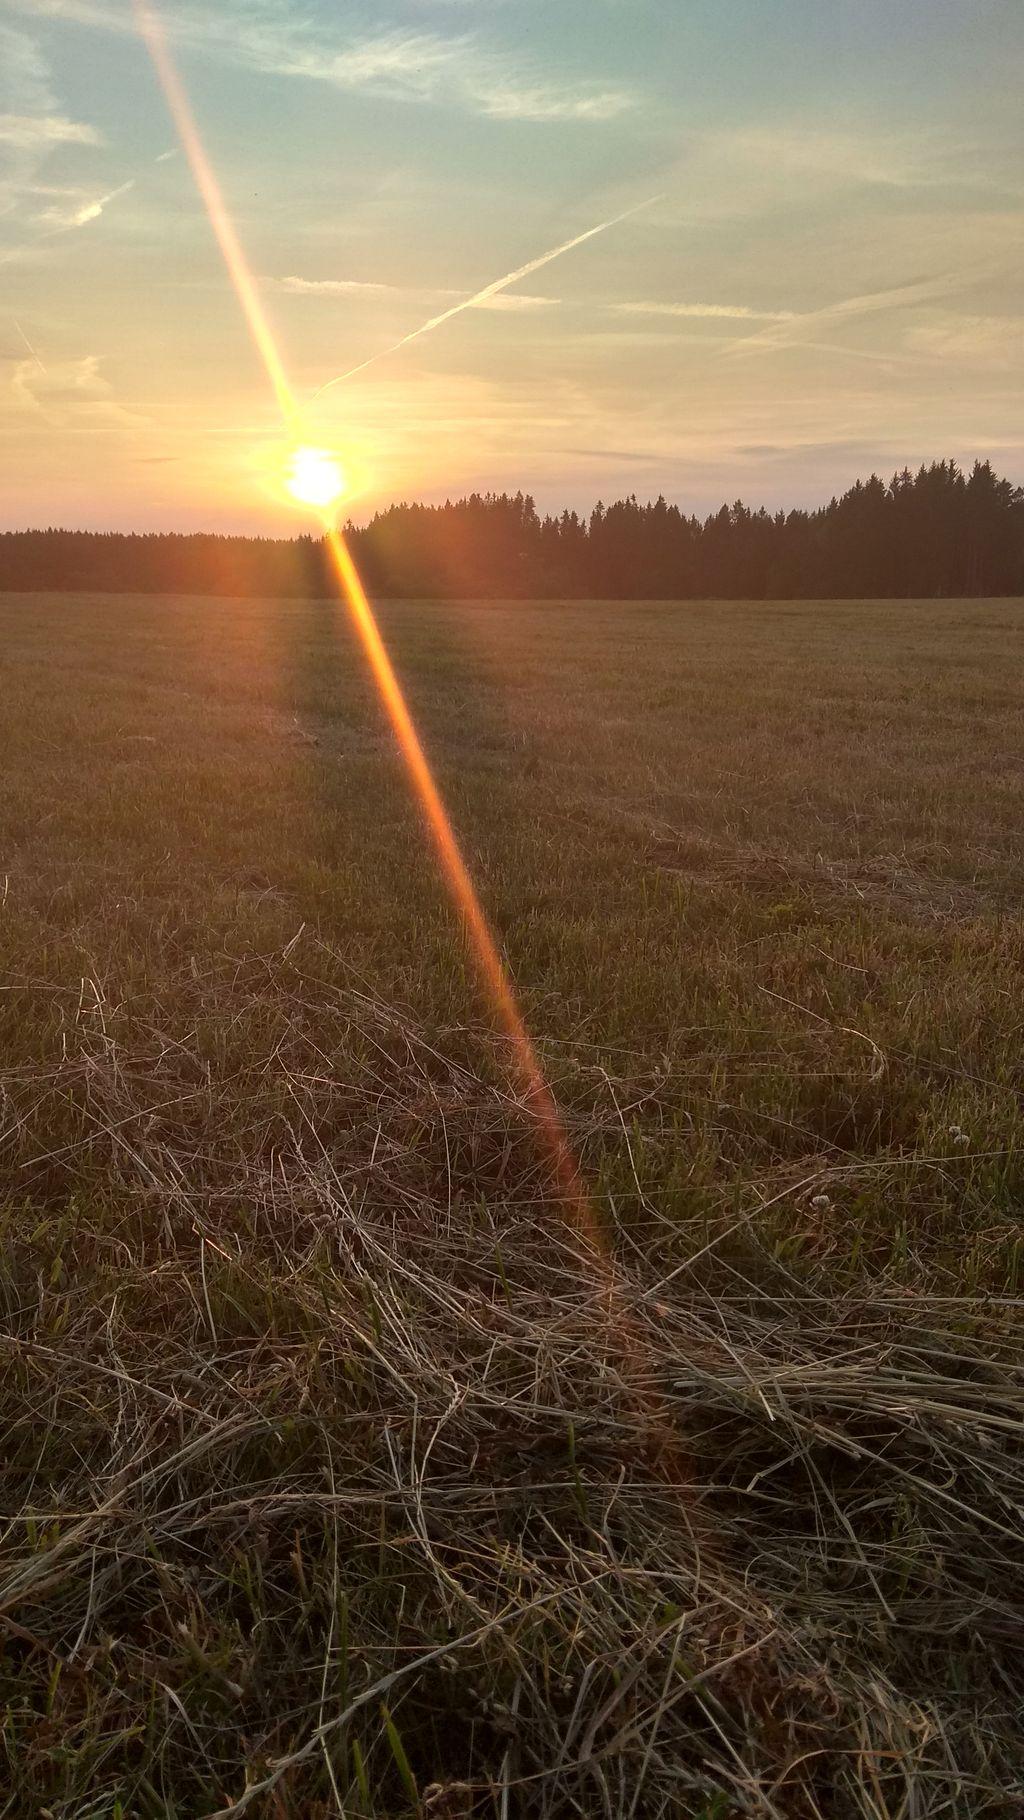 Západ slunce - za pár okamžiků již zmizí a bude se chystat na nový den